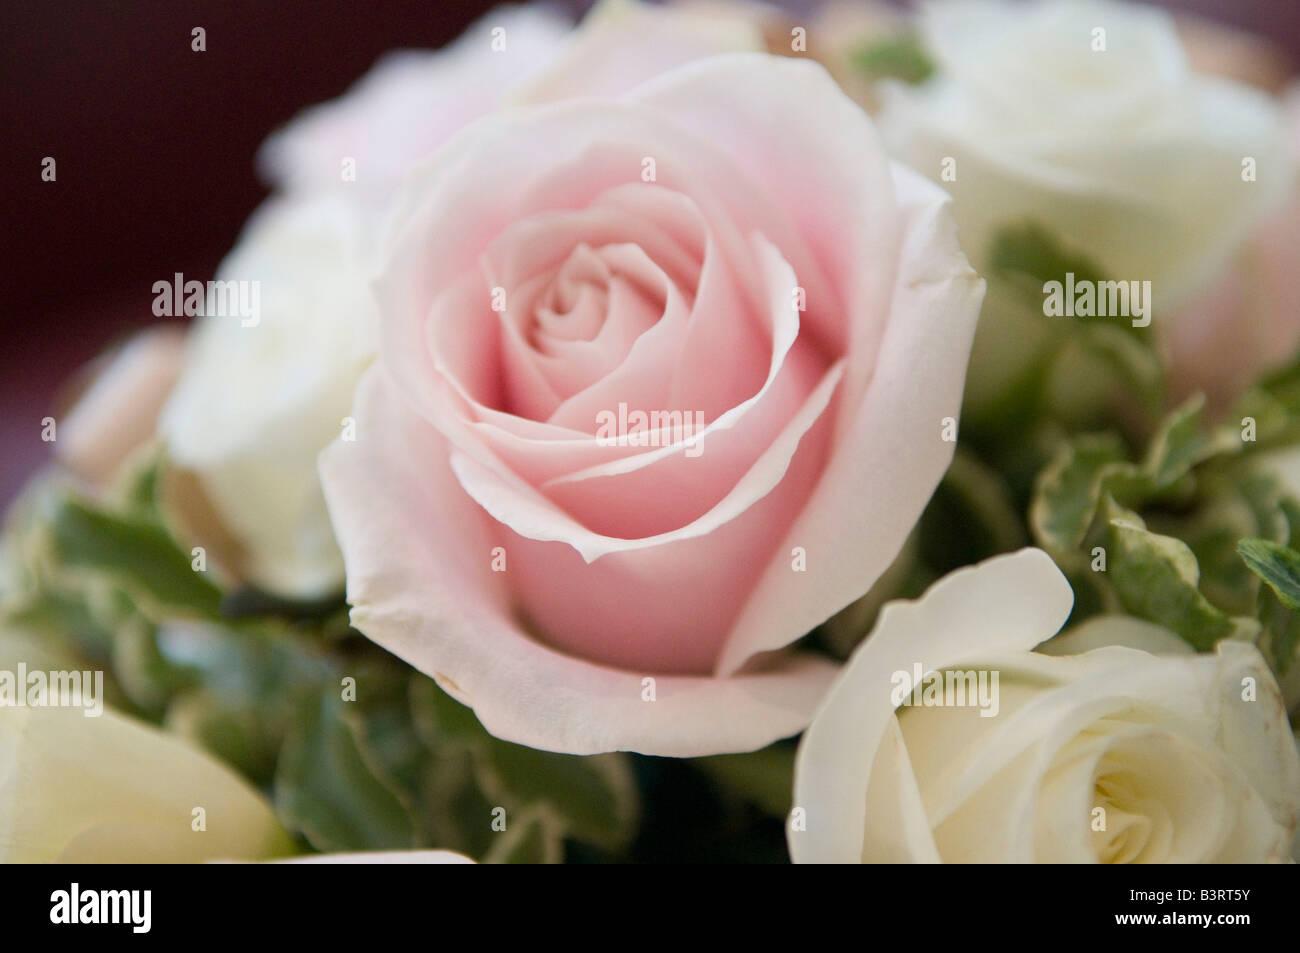 Rose Rosen Blume Blumen Florist Floristik Blumenstrauss Blumenstrausse